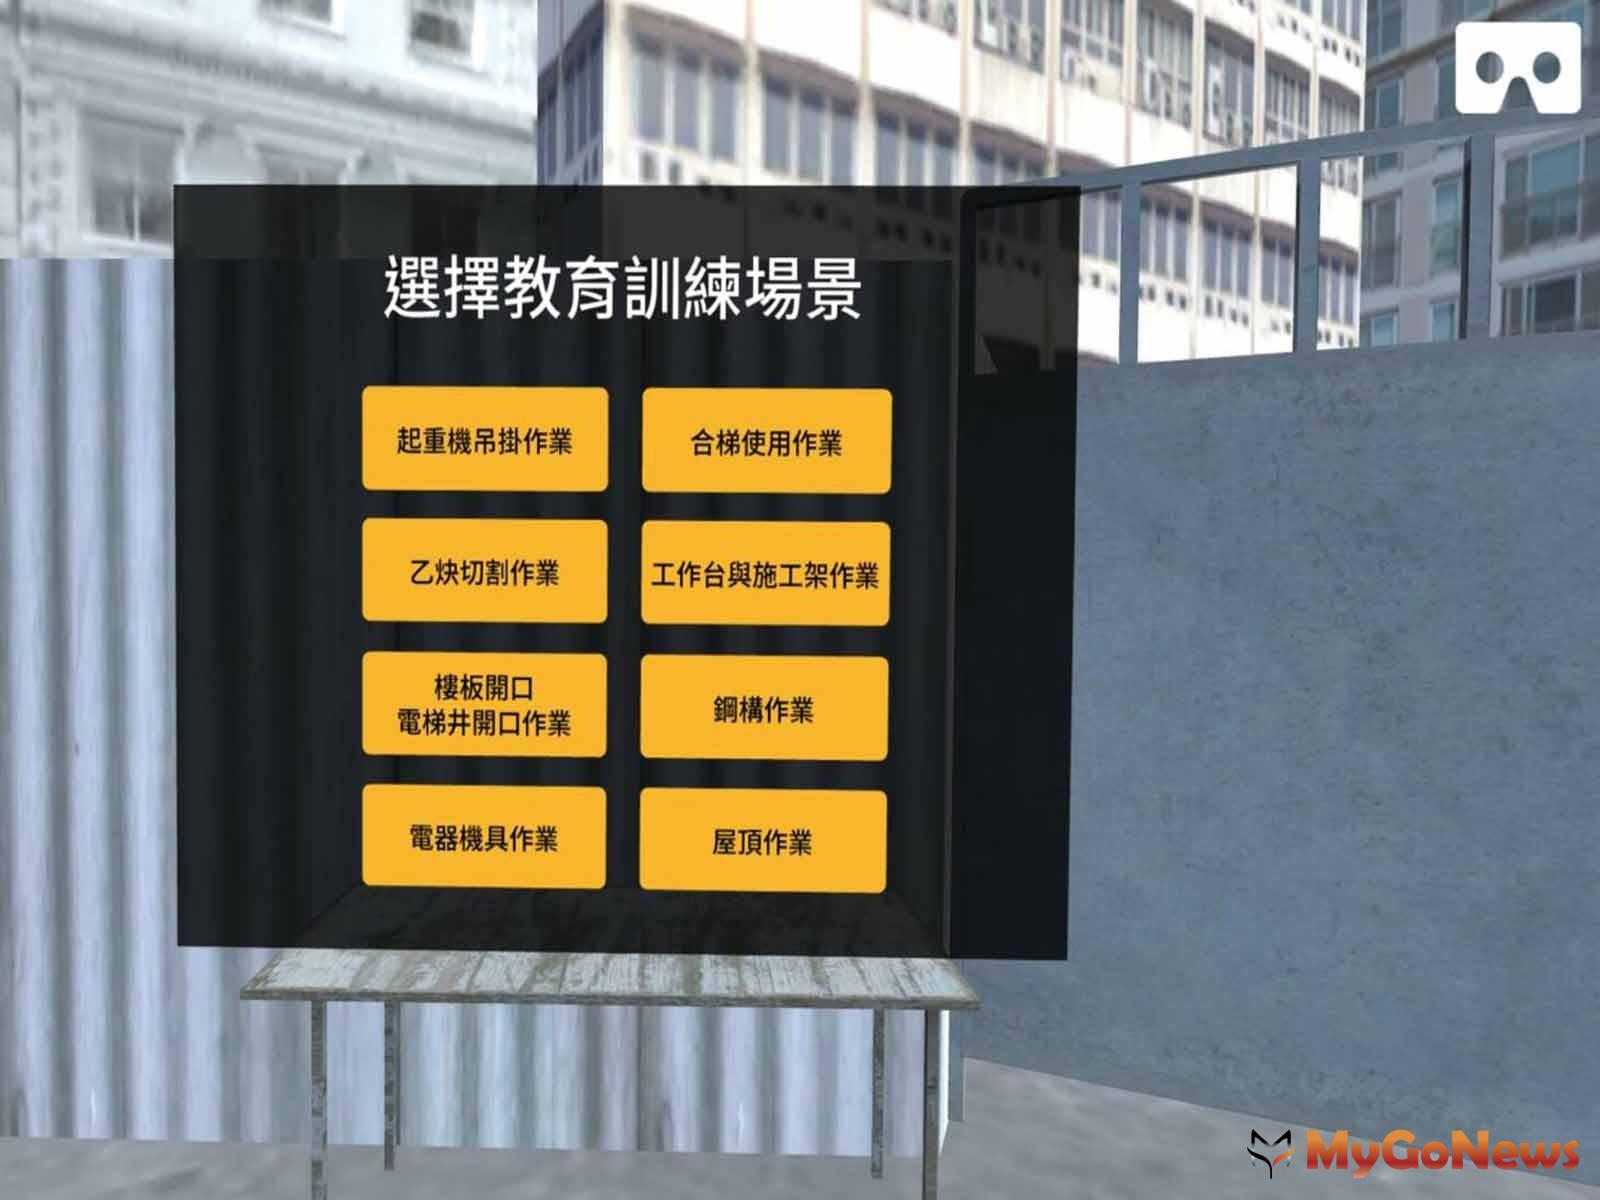 虛擬實境安衛訓練(圖/大陸工程) MyGoNews房地產新聞 市場快訊